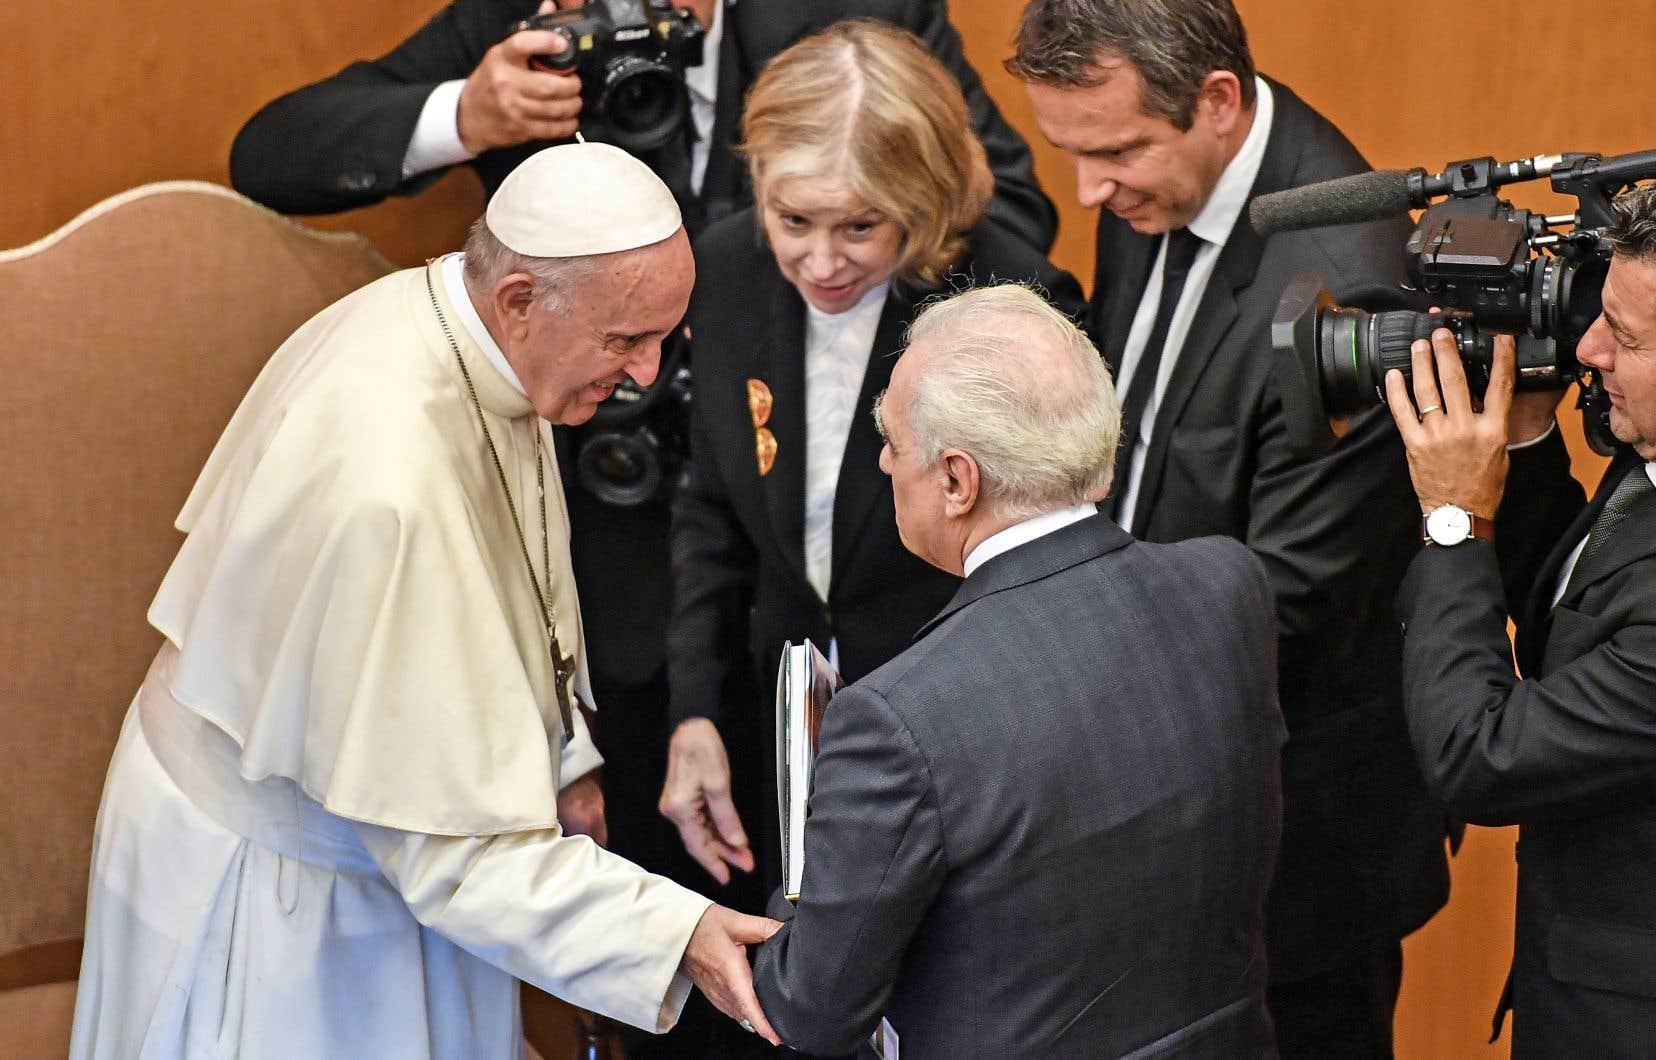 Le pape François a rencontré le réalisateur Martin Scorsese et son épouse, Helen Morris, dans le cadre d'un événement placé sous le thème «La sagesse du temps», mardi à Rome.